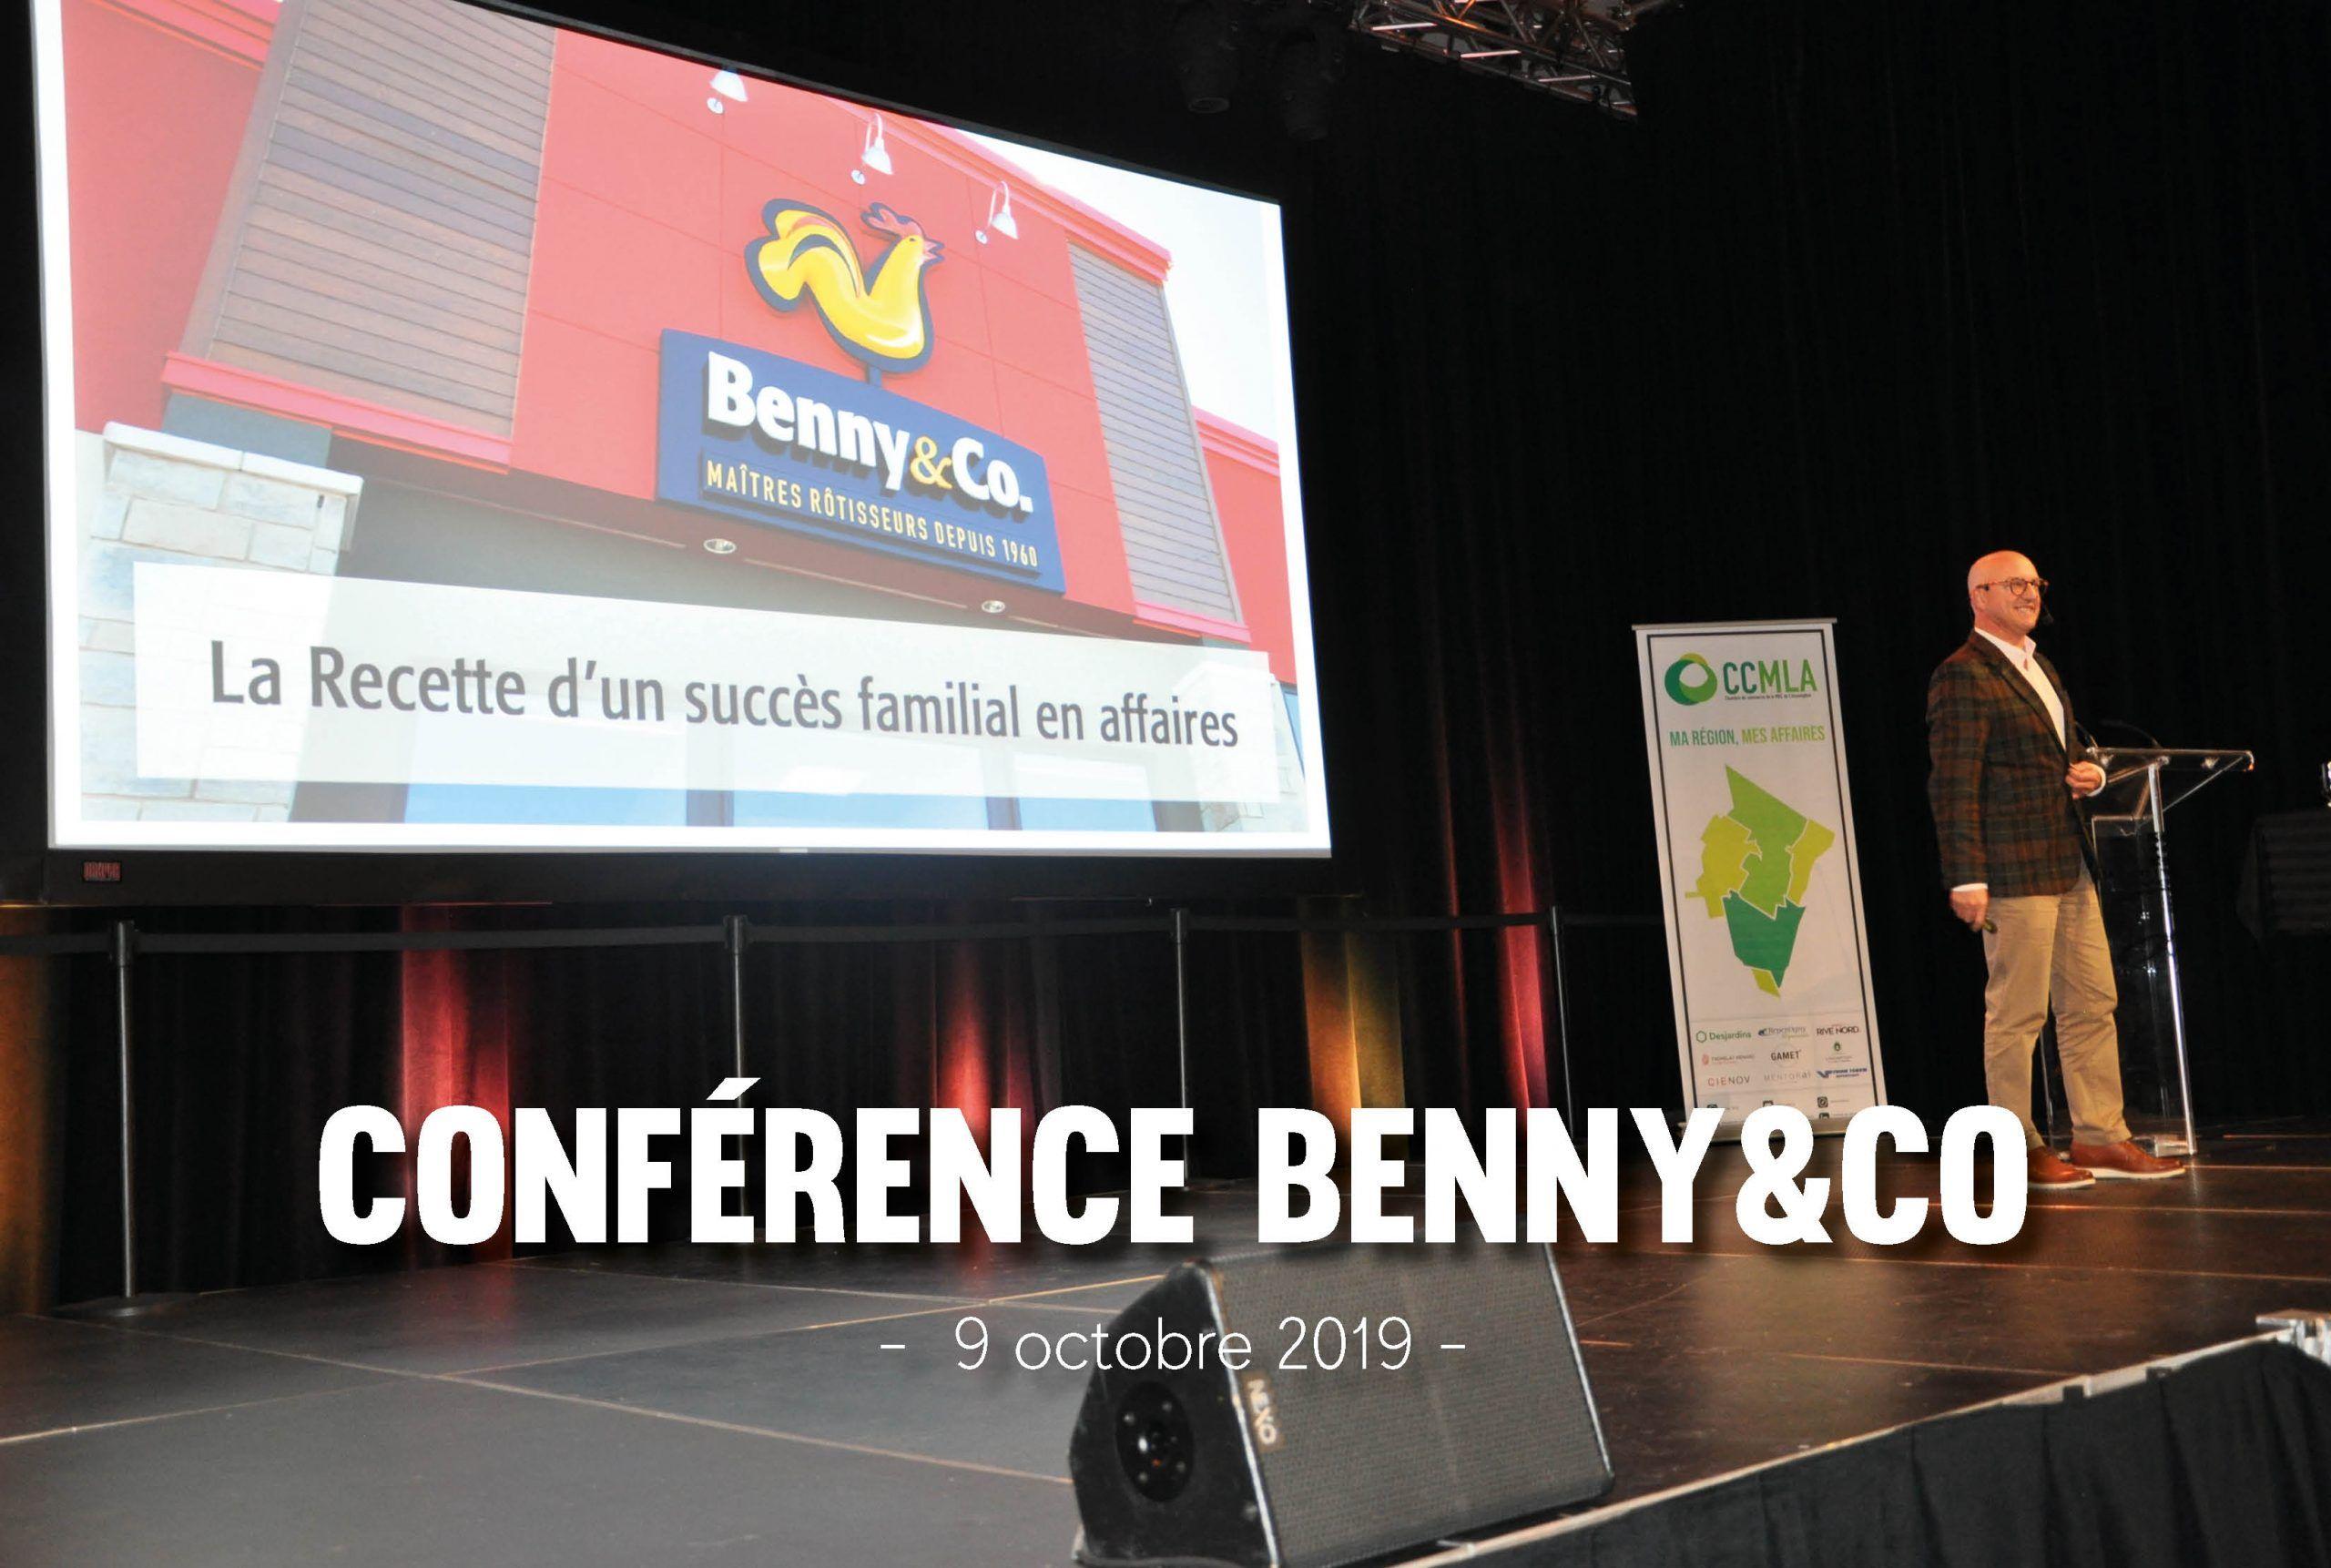 Conférence Benny&CO